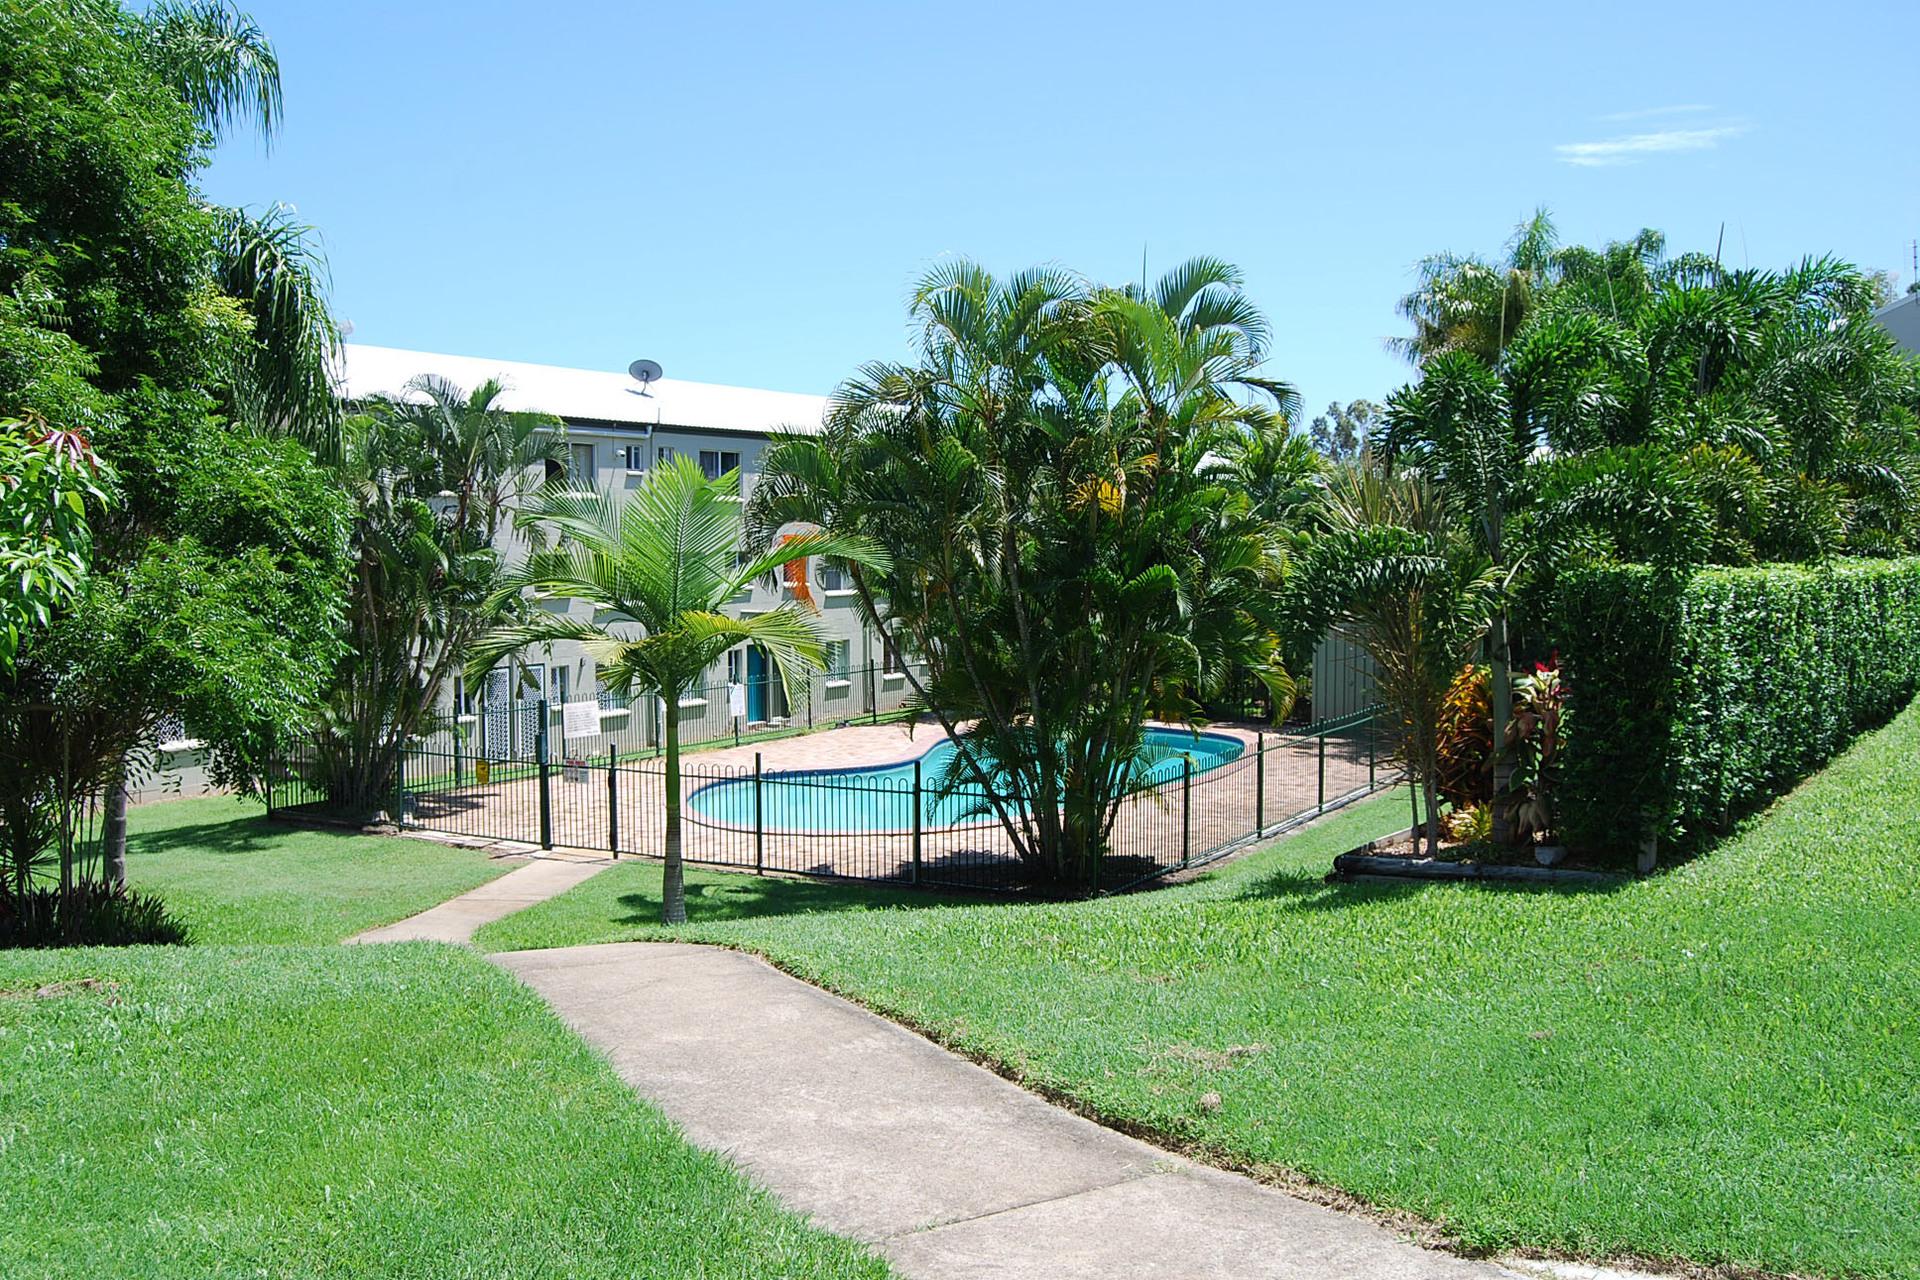 c - Whitsunday Paradise Apartments